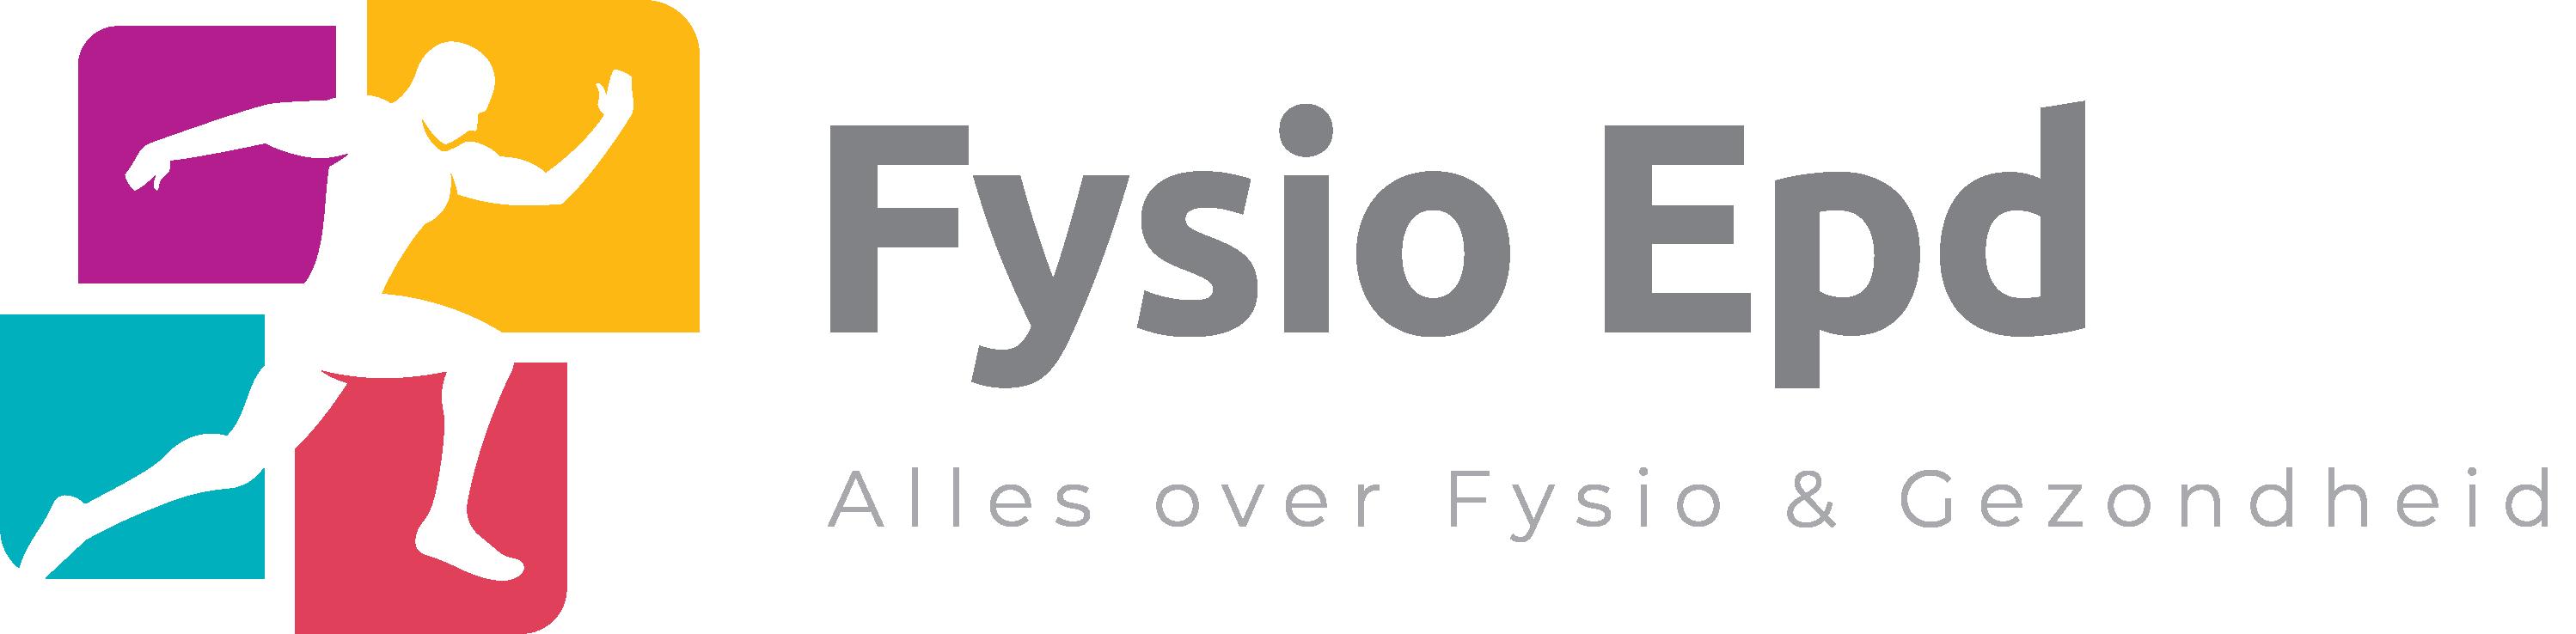 Fysio Epd